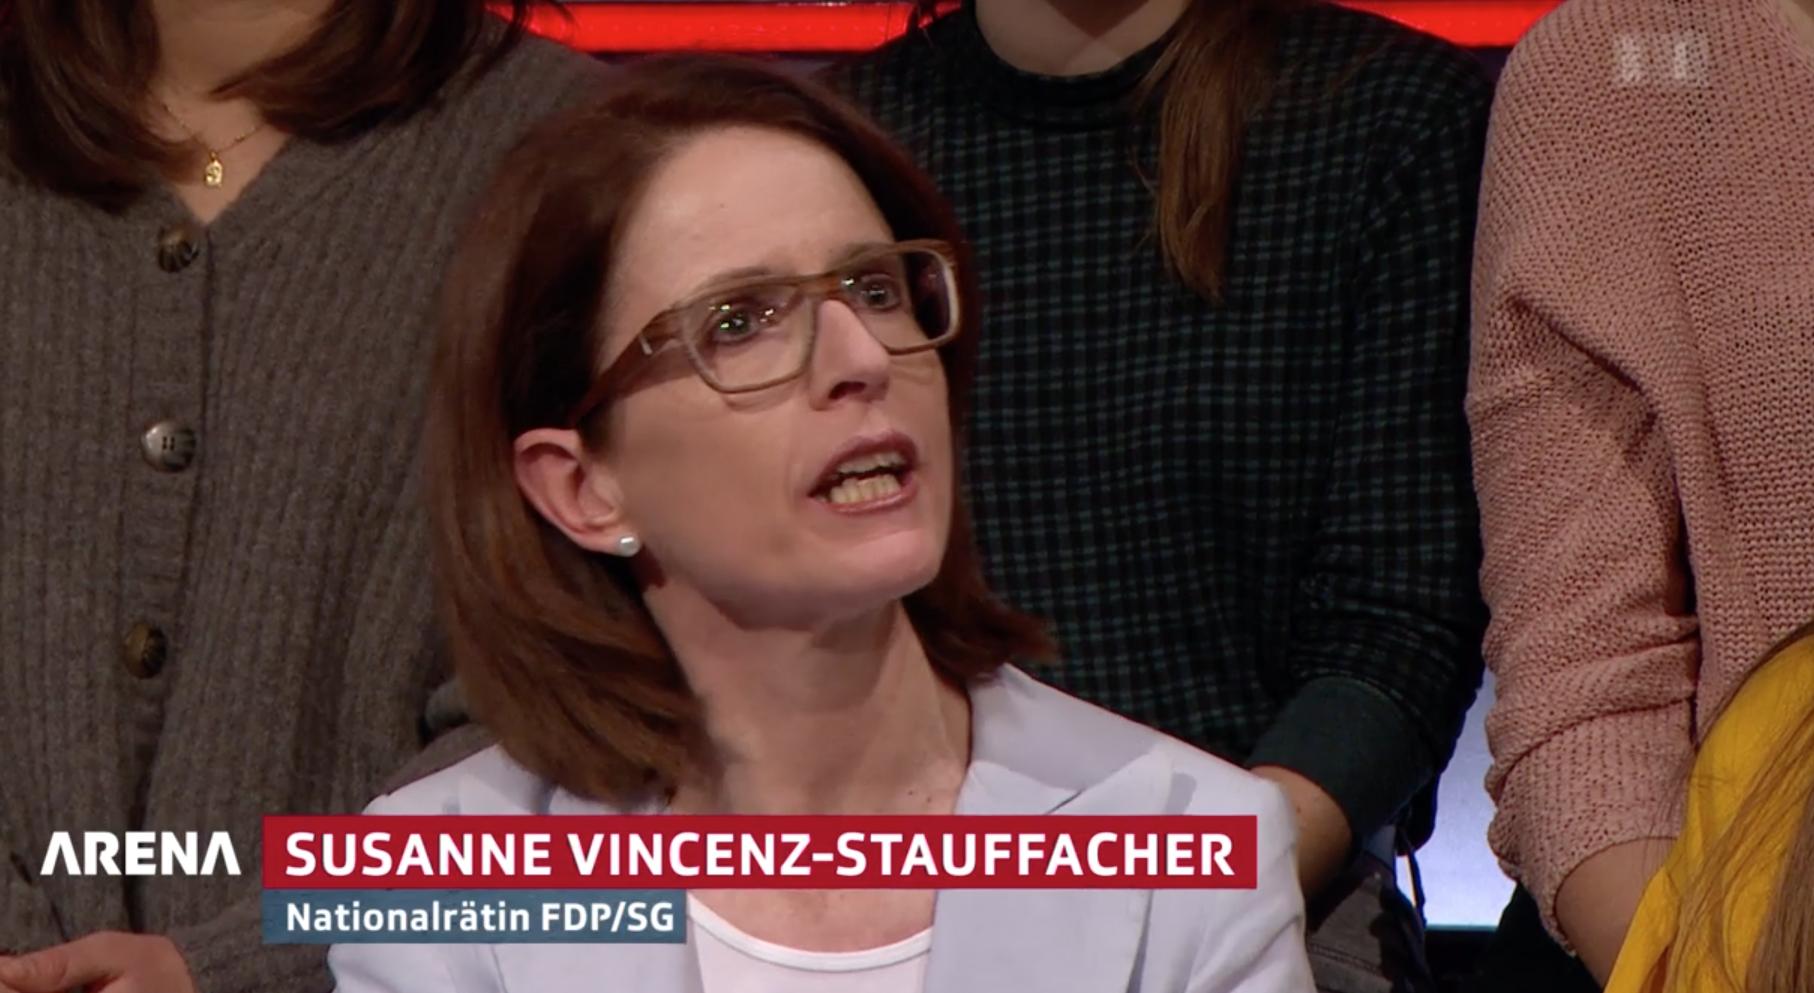 Susanne Vincenz-Stauffacher in der Arena vom 13.12.2019